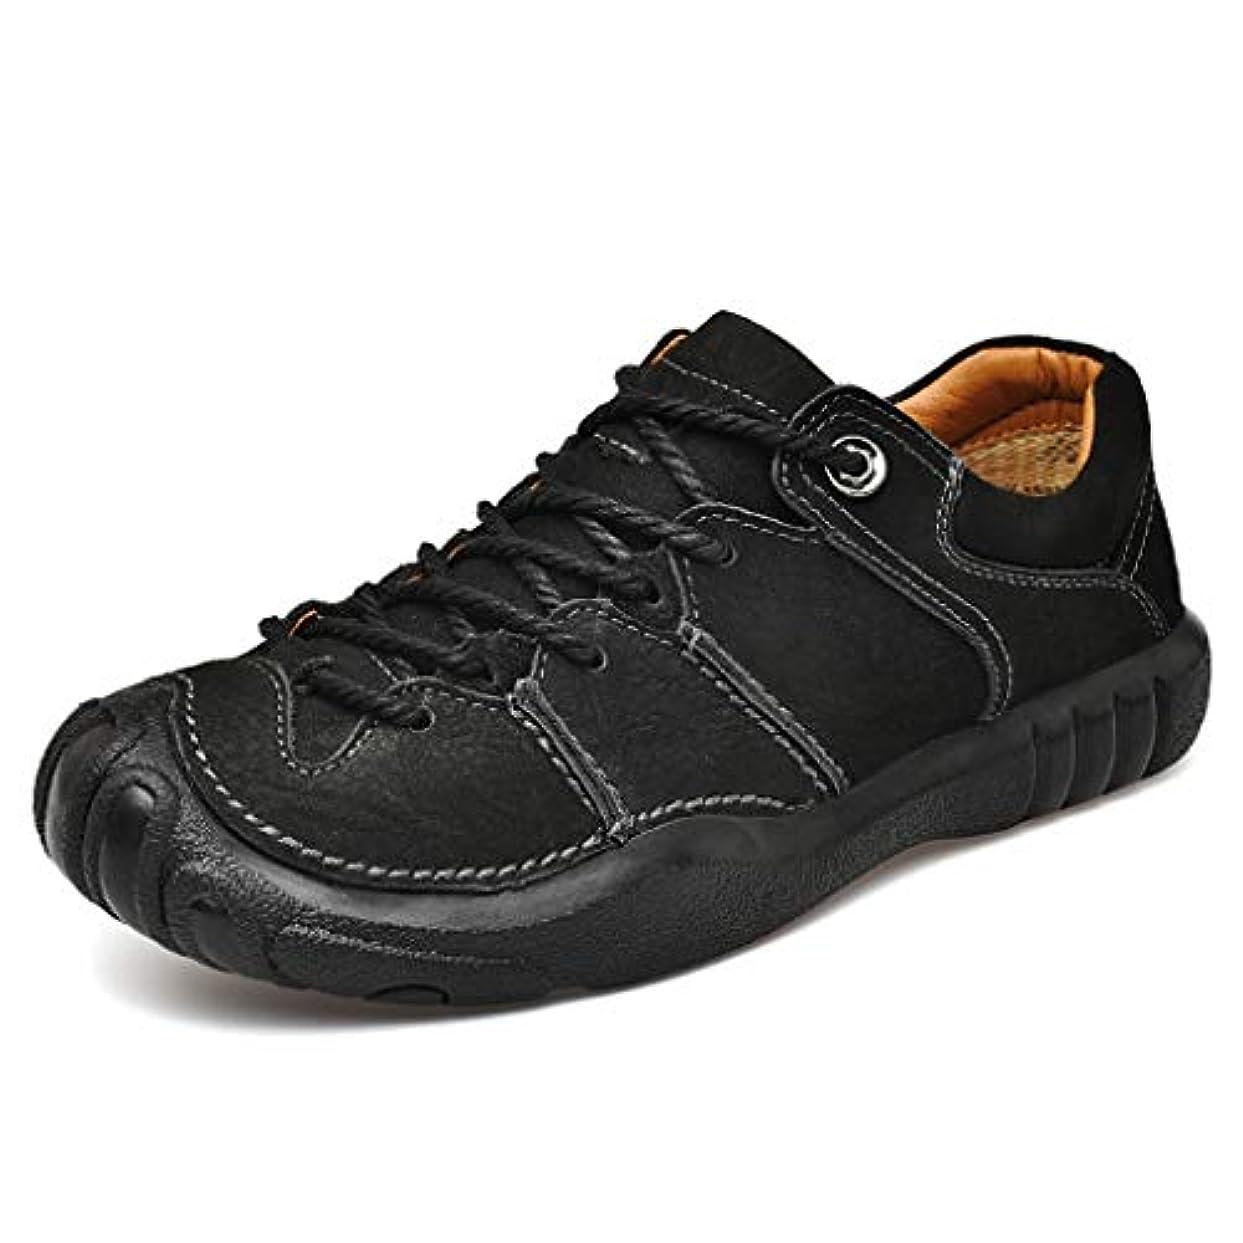 断言する大使館観察する耐磨耗 トレッキングシューズ 26.0cm メンズ スニーカー シューズ ハイキングシューズ 登山靴 安全靴 作業靴 黒 ランニングシューズ 柔らか素材 通気性 トレッキング 小さいサイズ 24cm